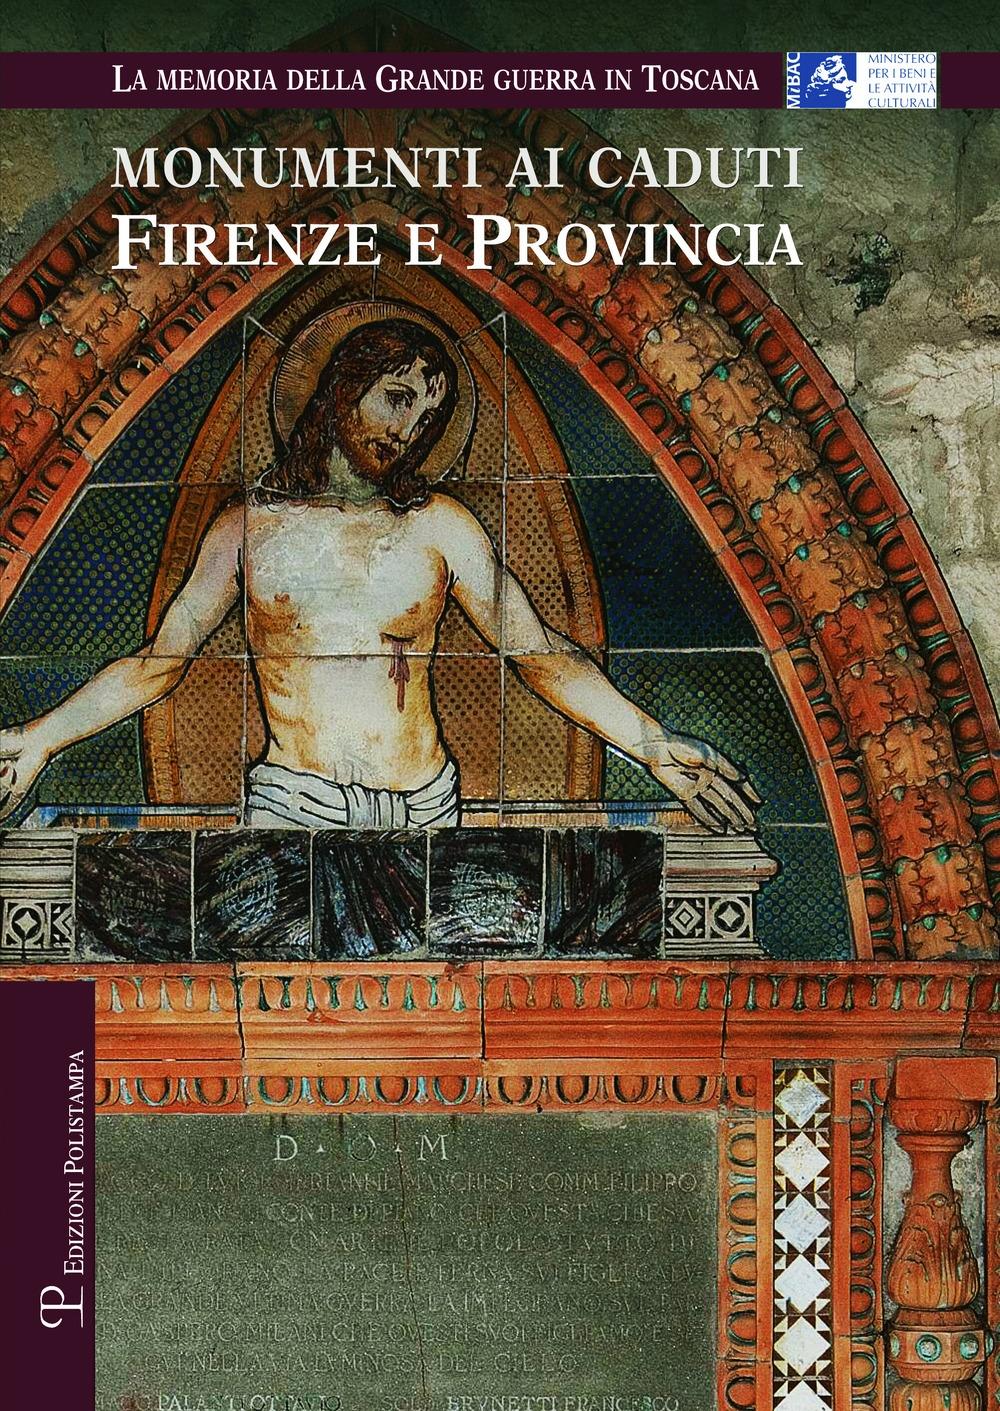 Monumenti ai caduti a Firenze e Provincia La memoria della Grande guerra in Toscana